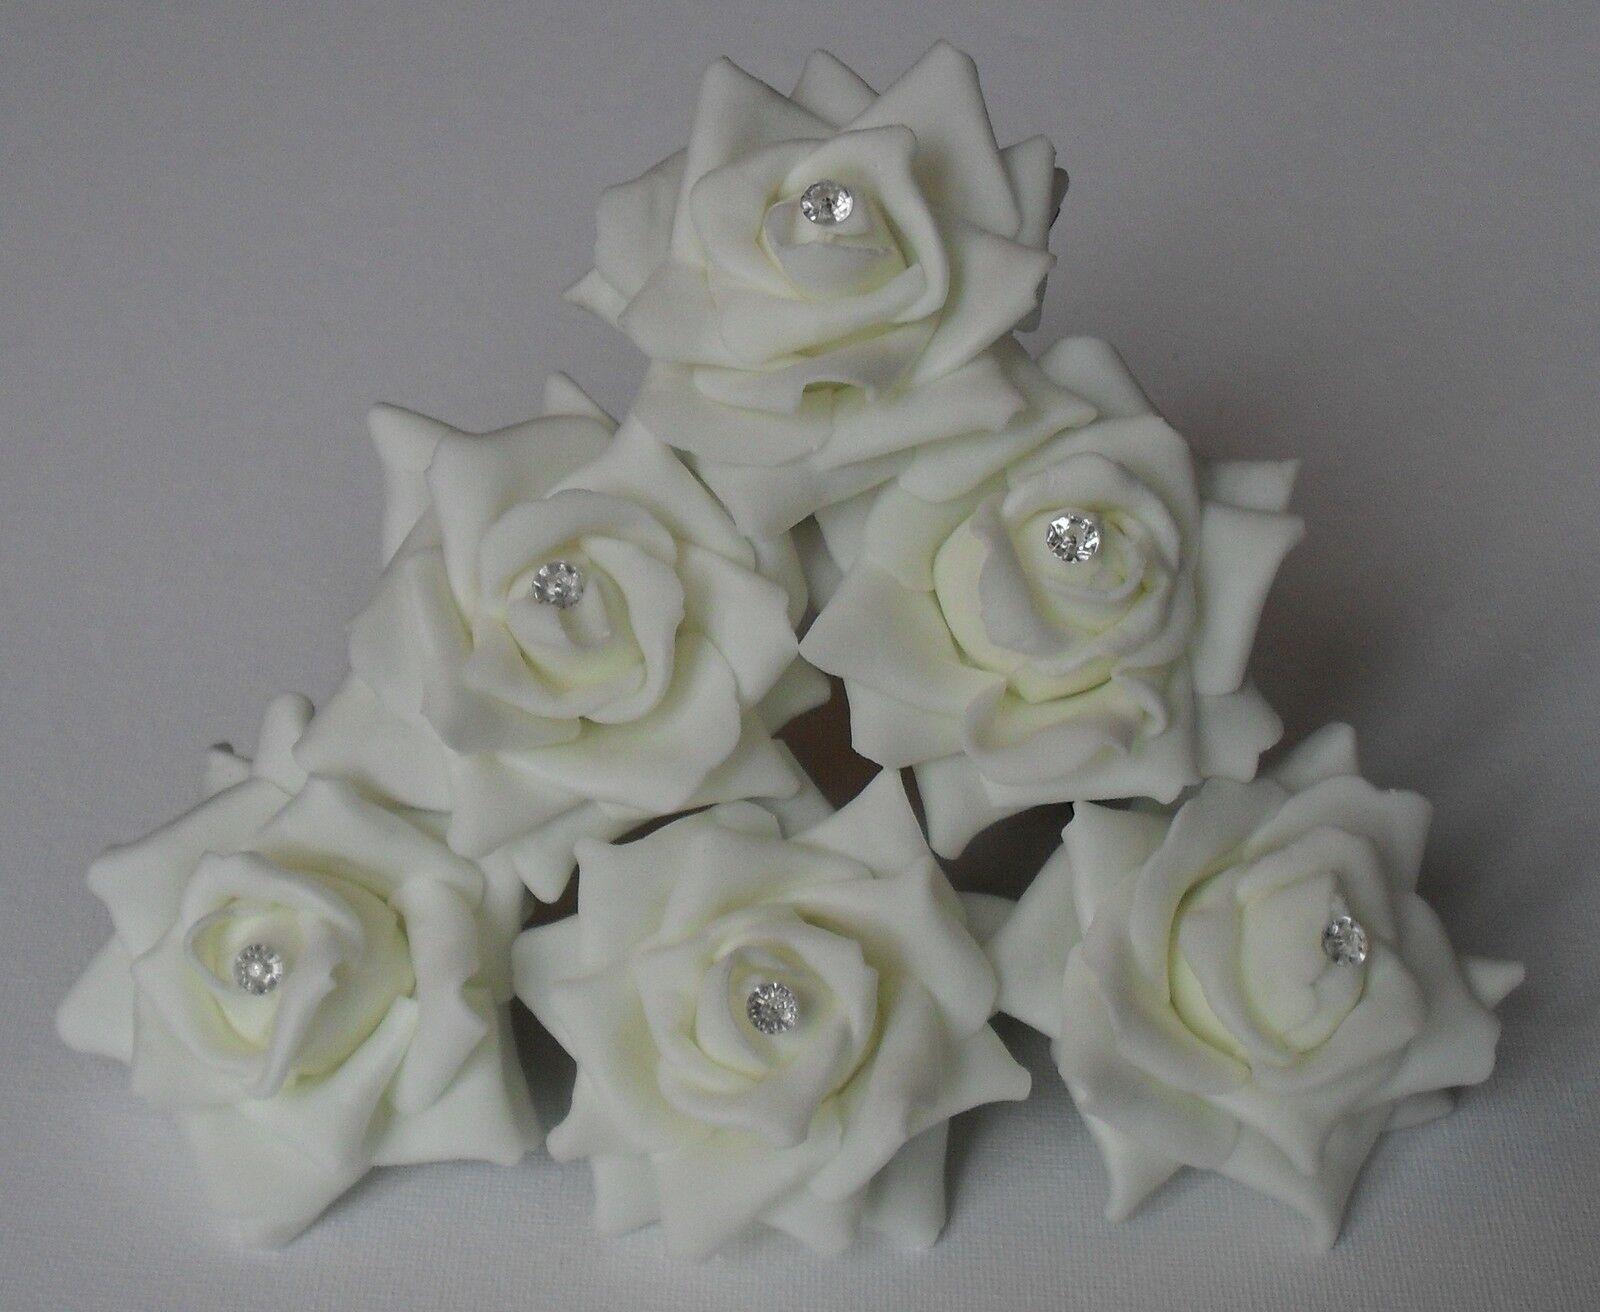 Creme Schaum Rosa Diamanten Blaume Knopfloch Bräute Bukett Hochzeitsdekoration | Offizielle  | Online Store  | Haben Wir Lob Von Kunden Gewonnen